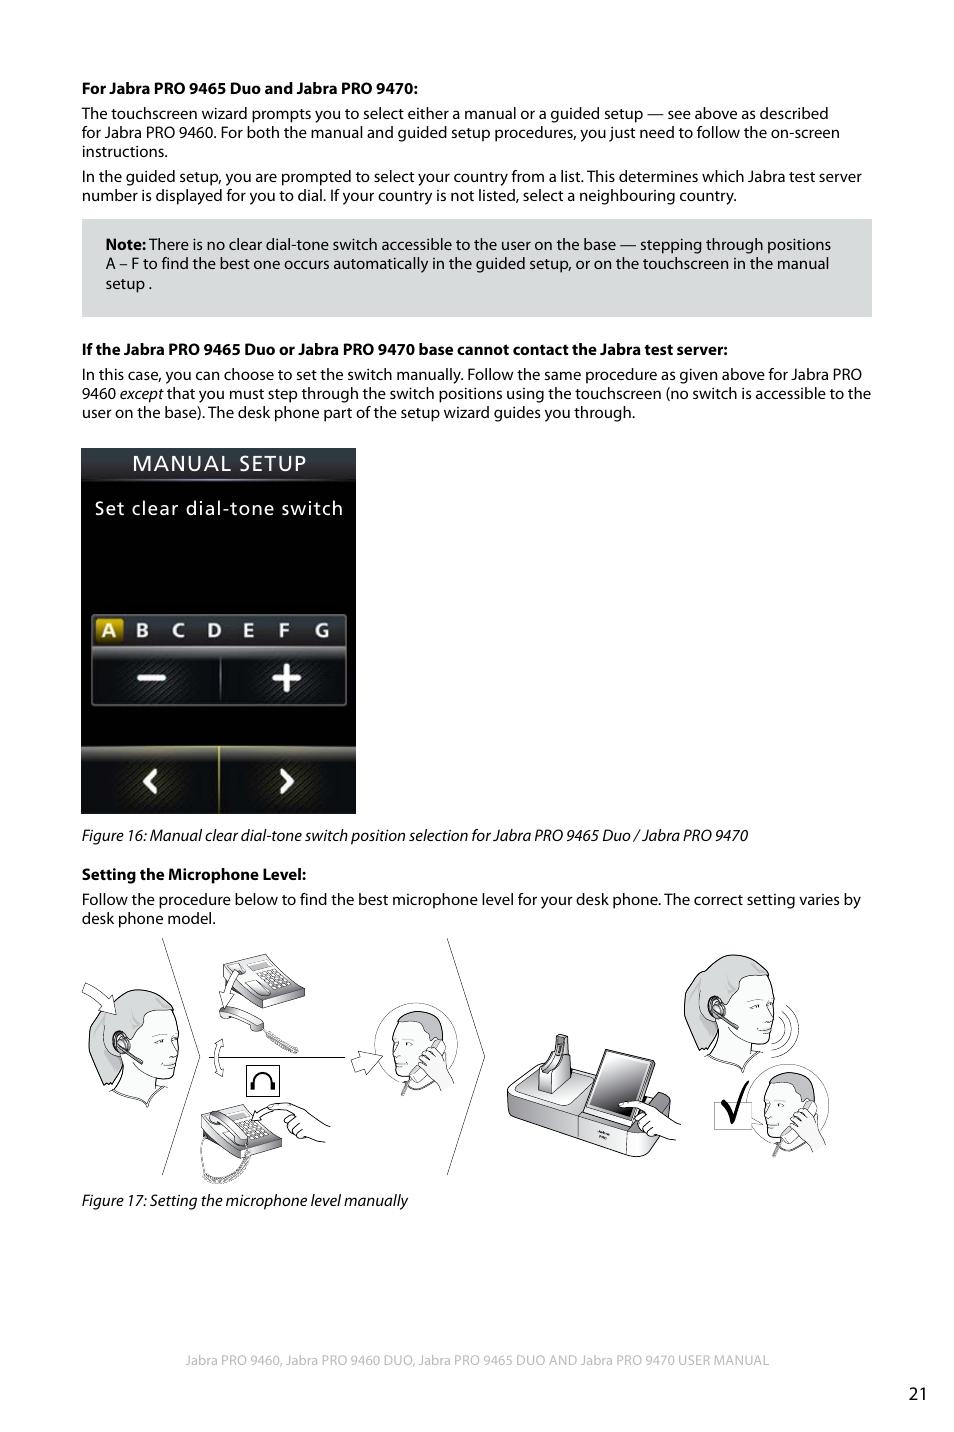 e97a243beaf En g li sh | Jabra PRO 9460 User Manual | Page 21 / 80